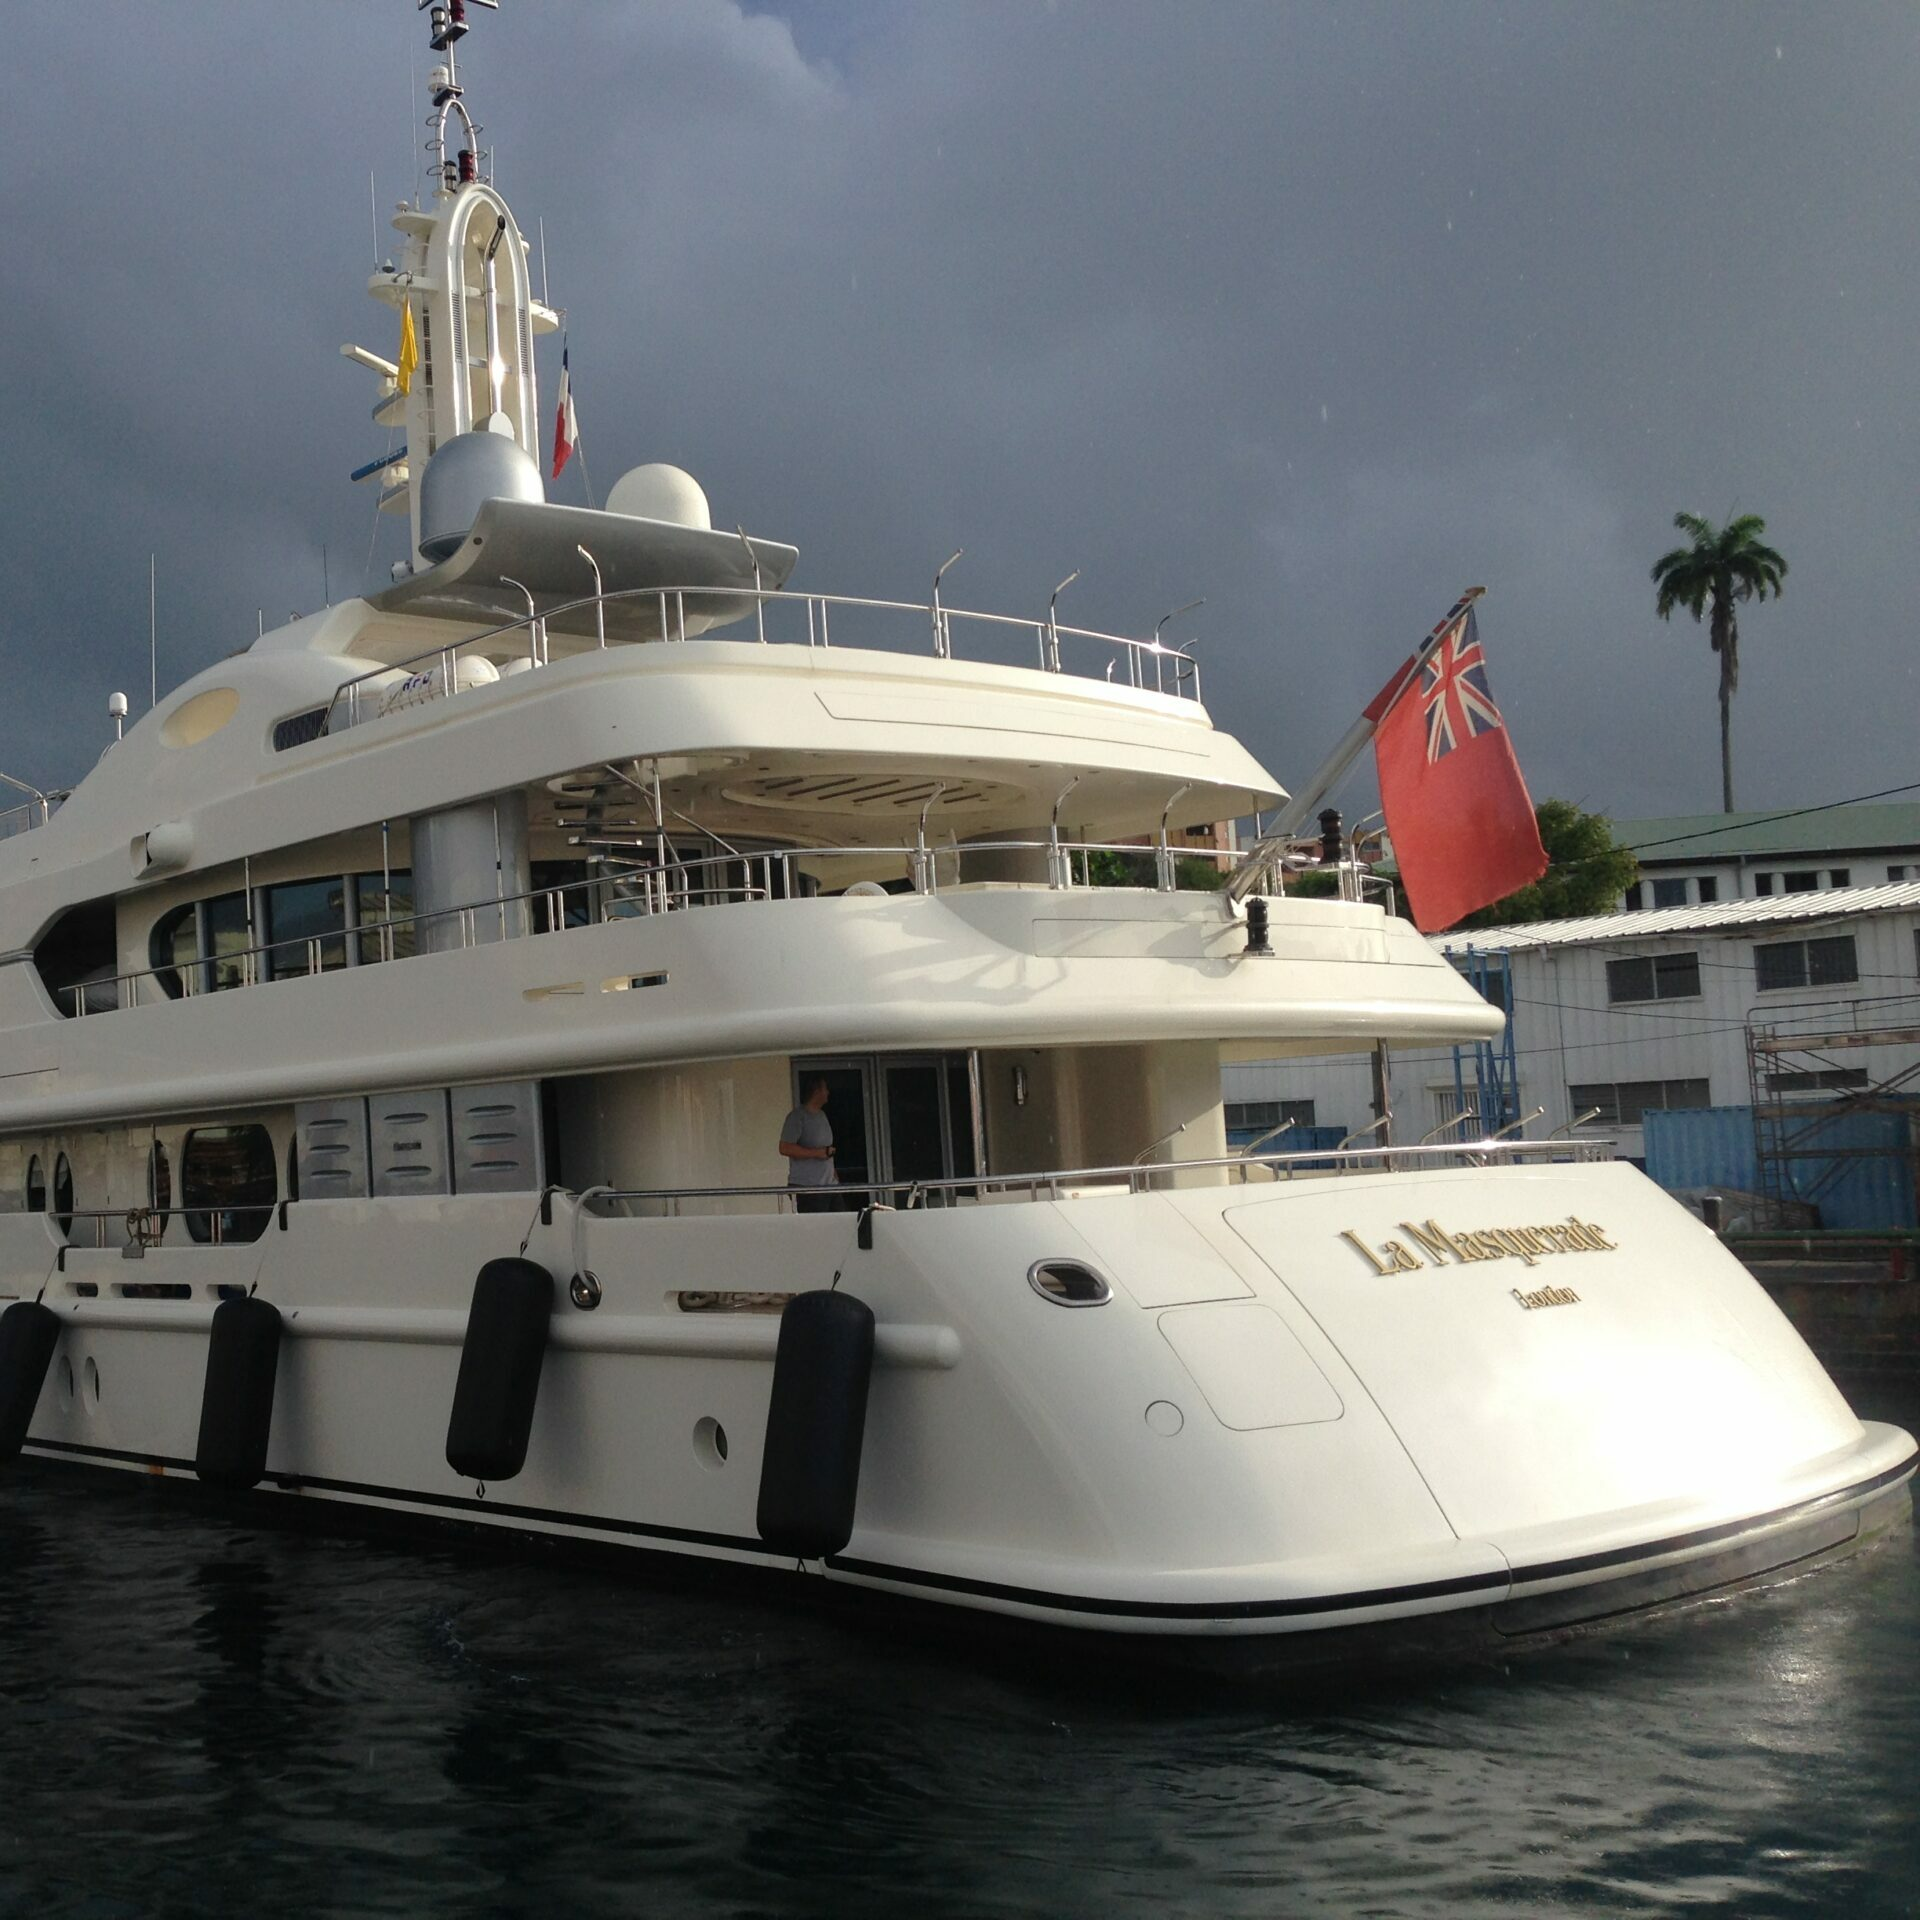 Yacht La masquerade